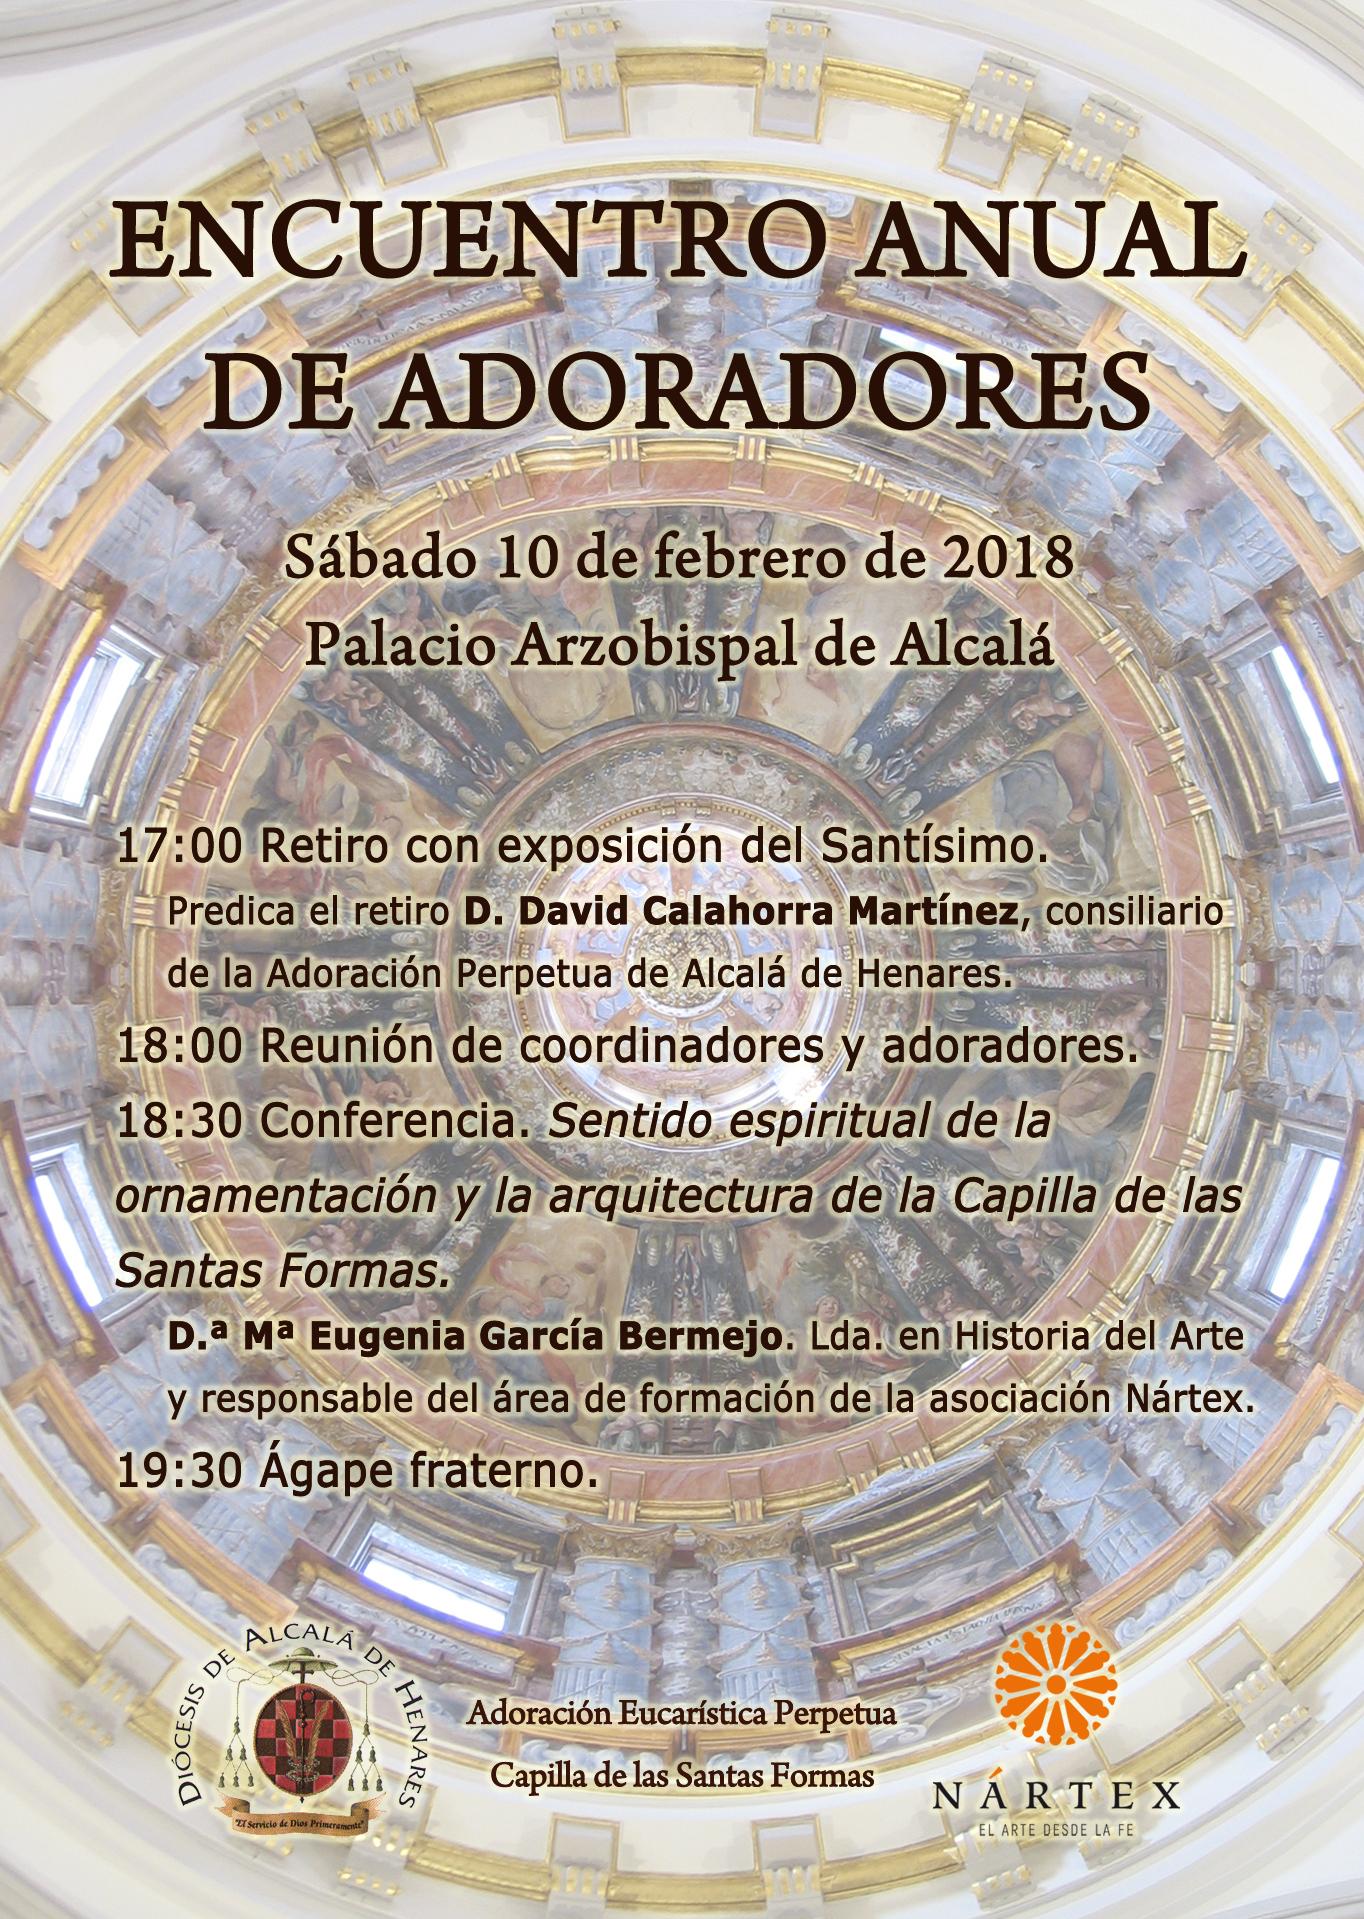 Conferencia: Sentido espiritual de la ornamentación y arquitectura de la Capilla de las Santas Formas